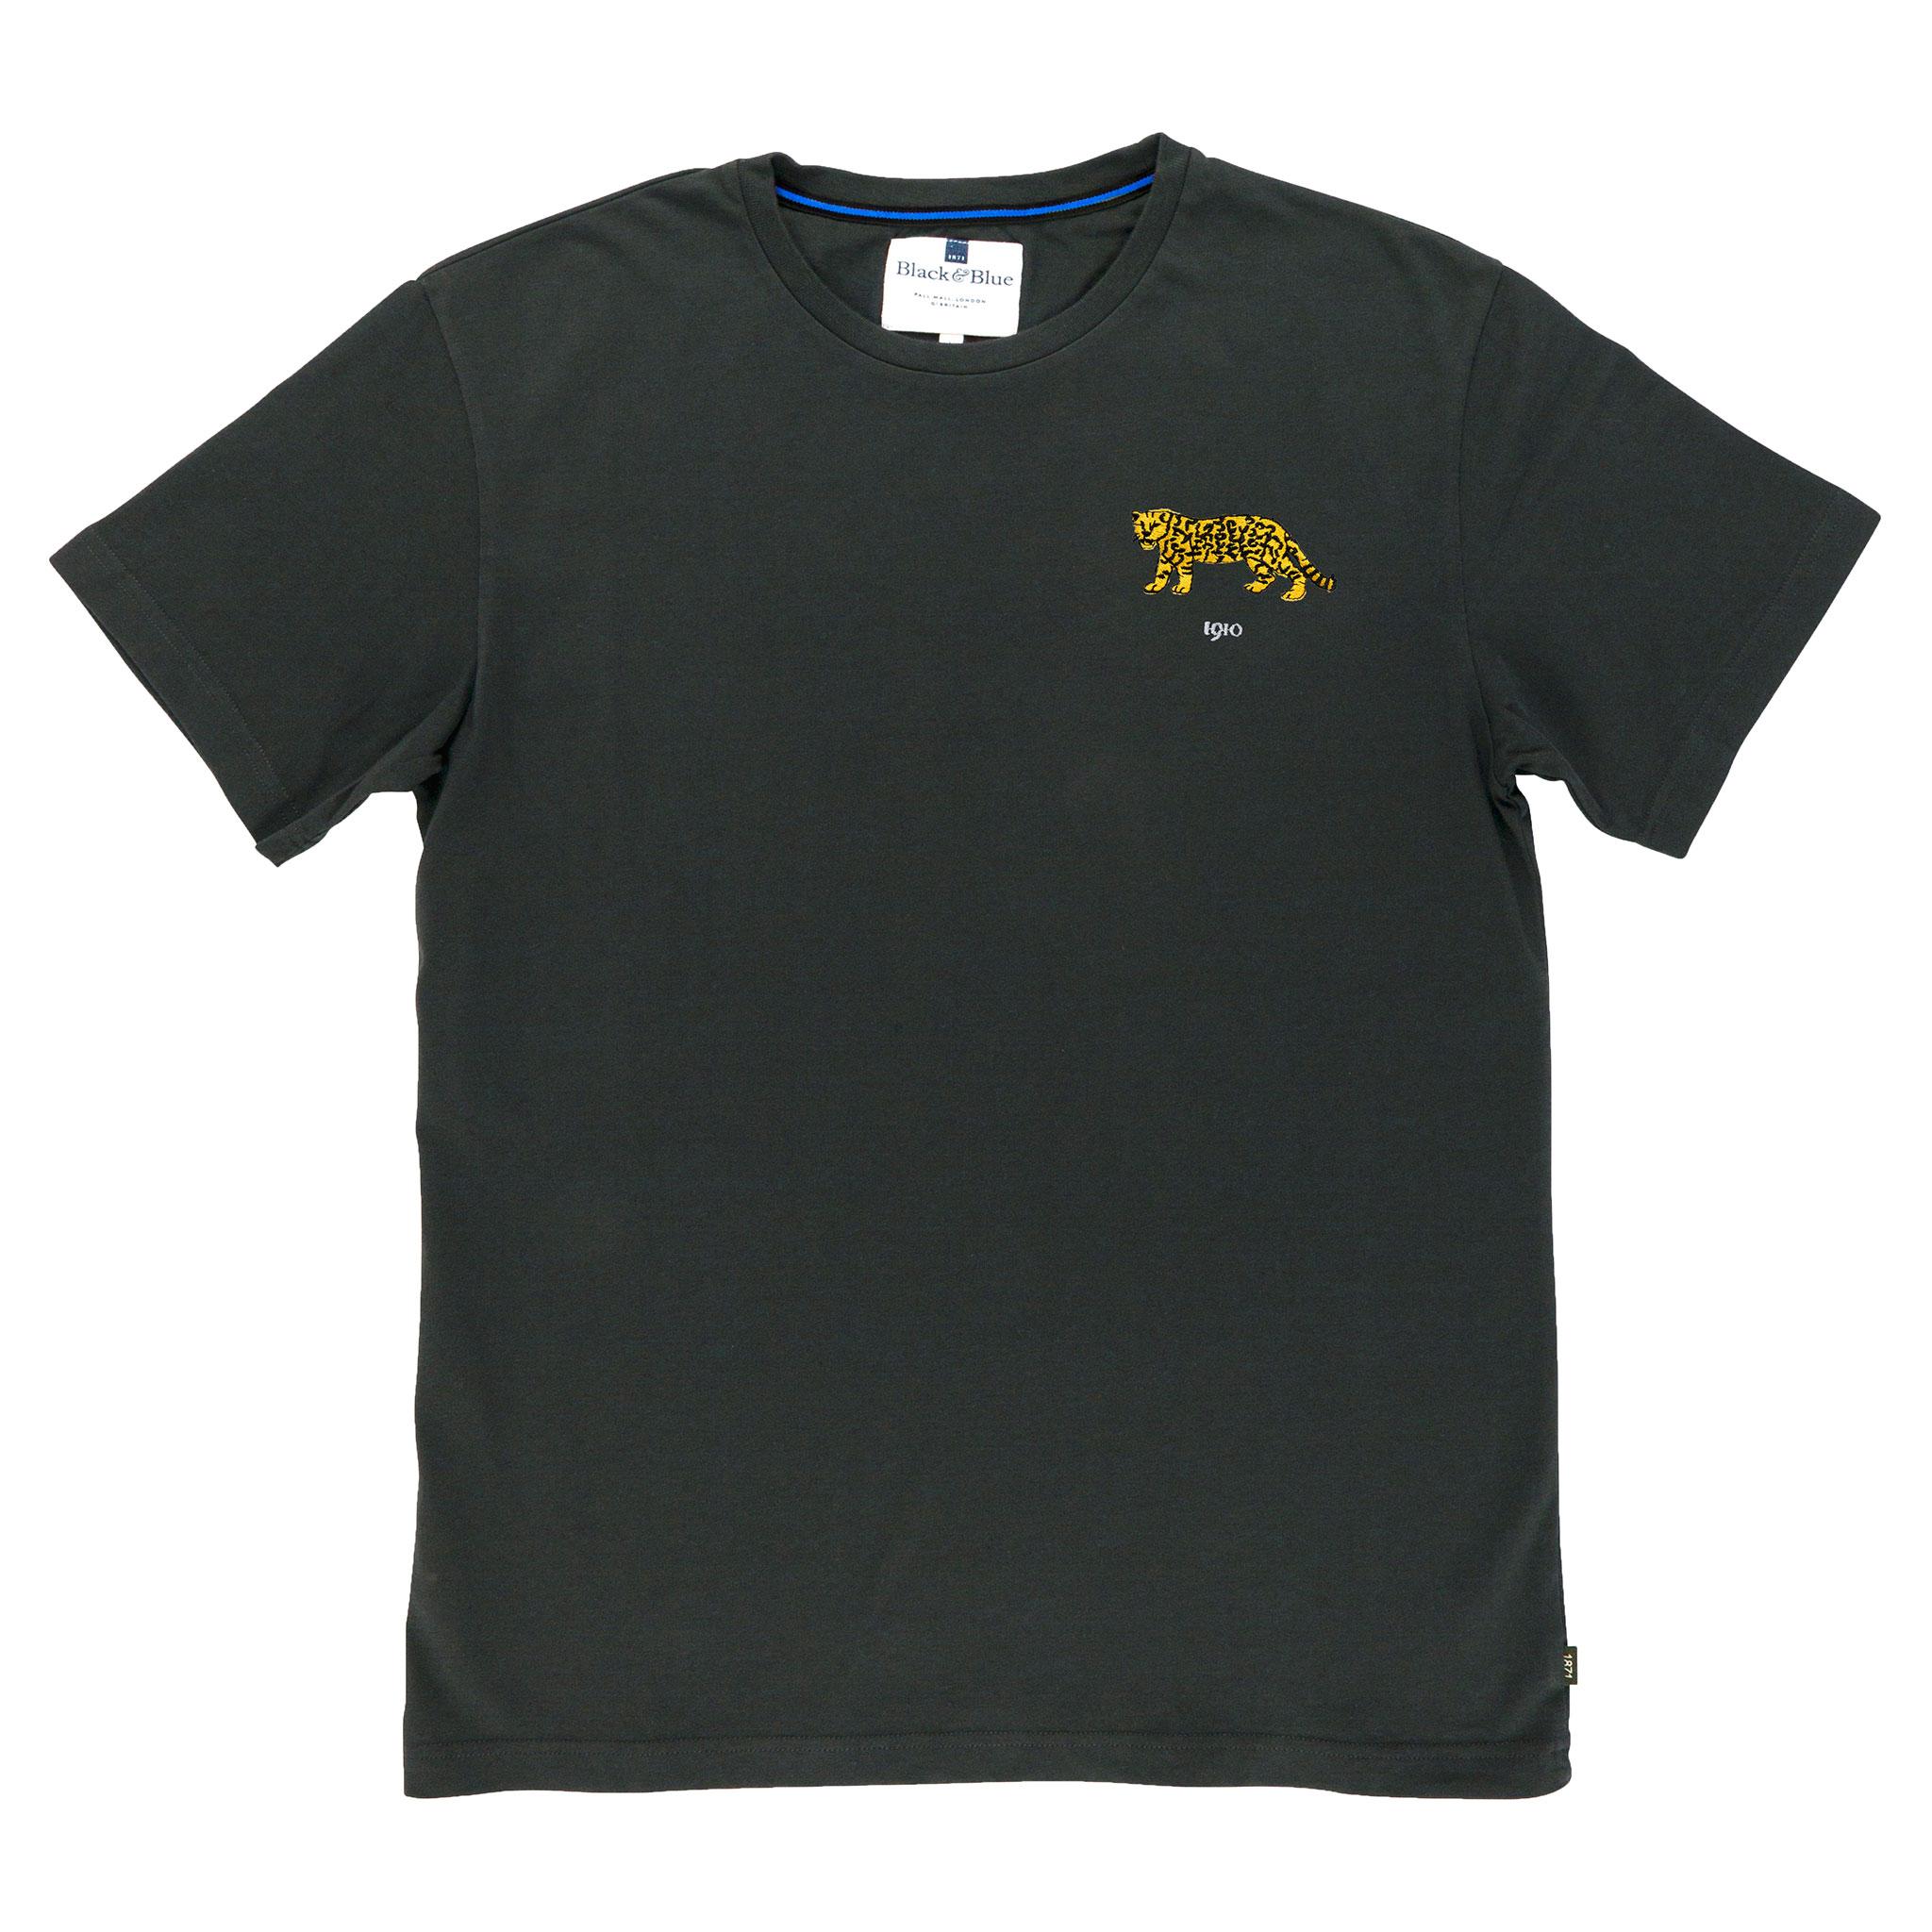 Argentina 1910 Asphalt T-Shirt_Front